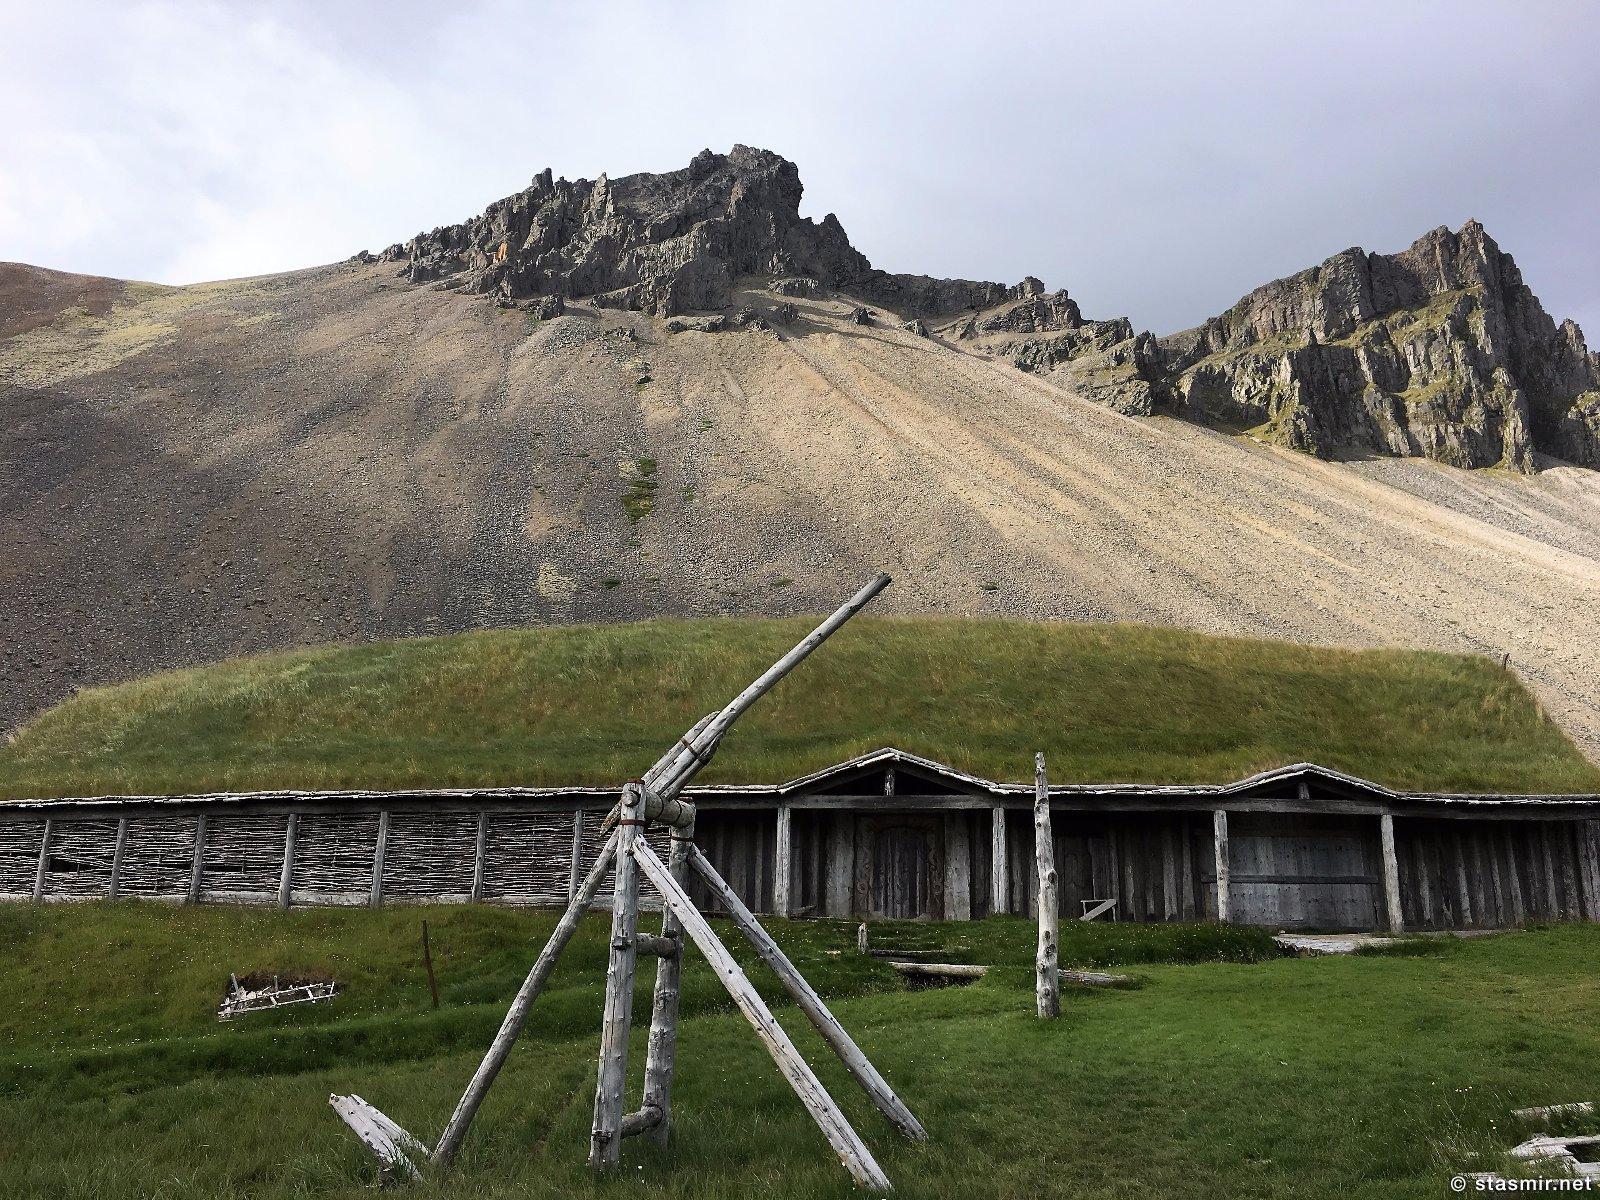 viking village in Iceland, деревня викингов в Исландии, декорации деревни викингов для съемок голлвудского фильма в Исландии, фото Стасмир, photo Stasmir